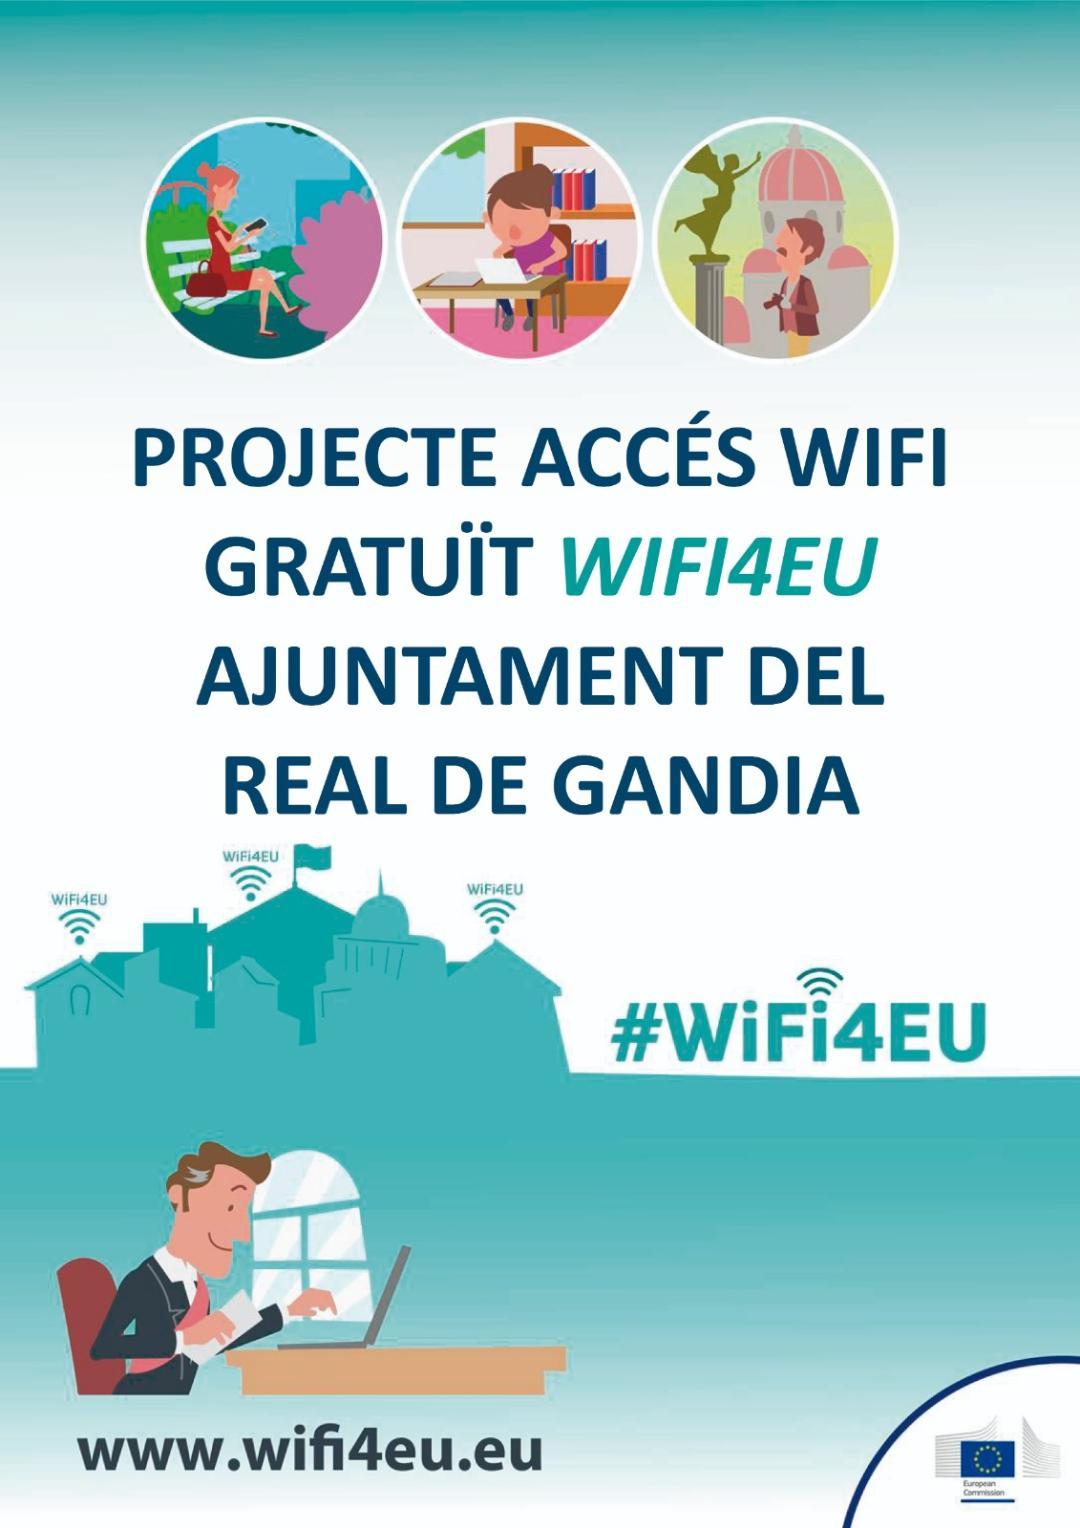 Real Gandia wifi gratuito público